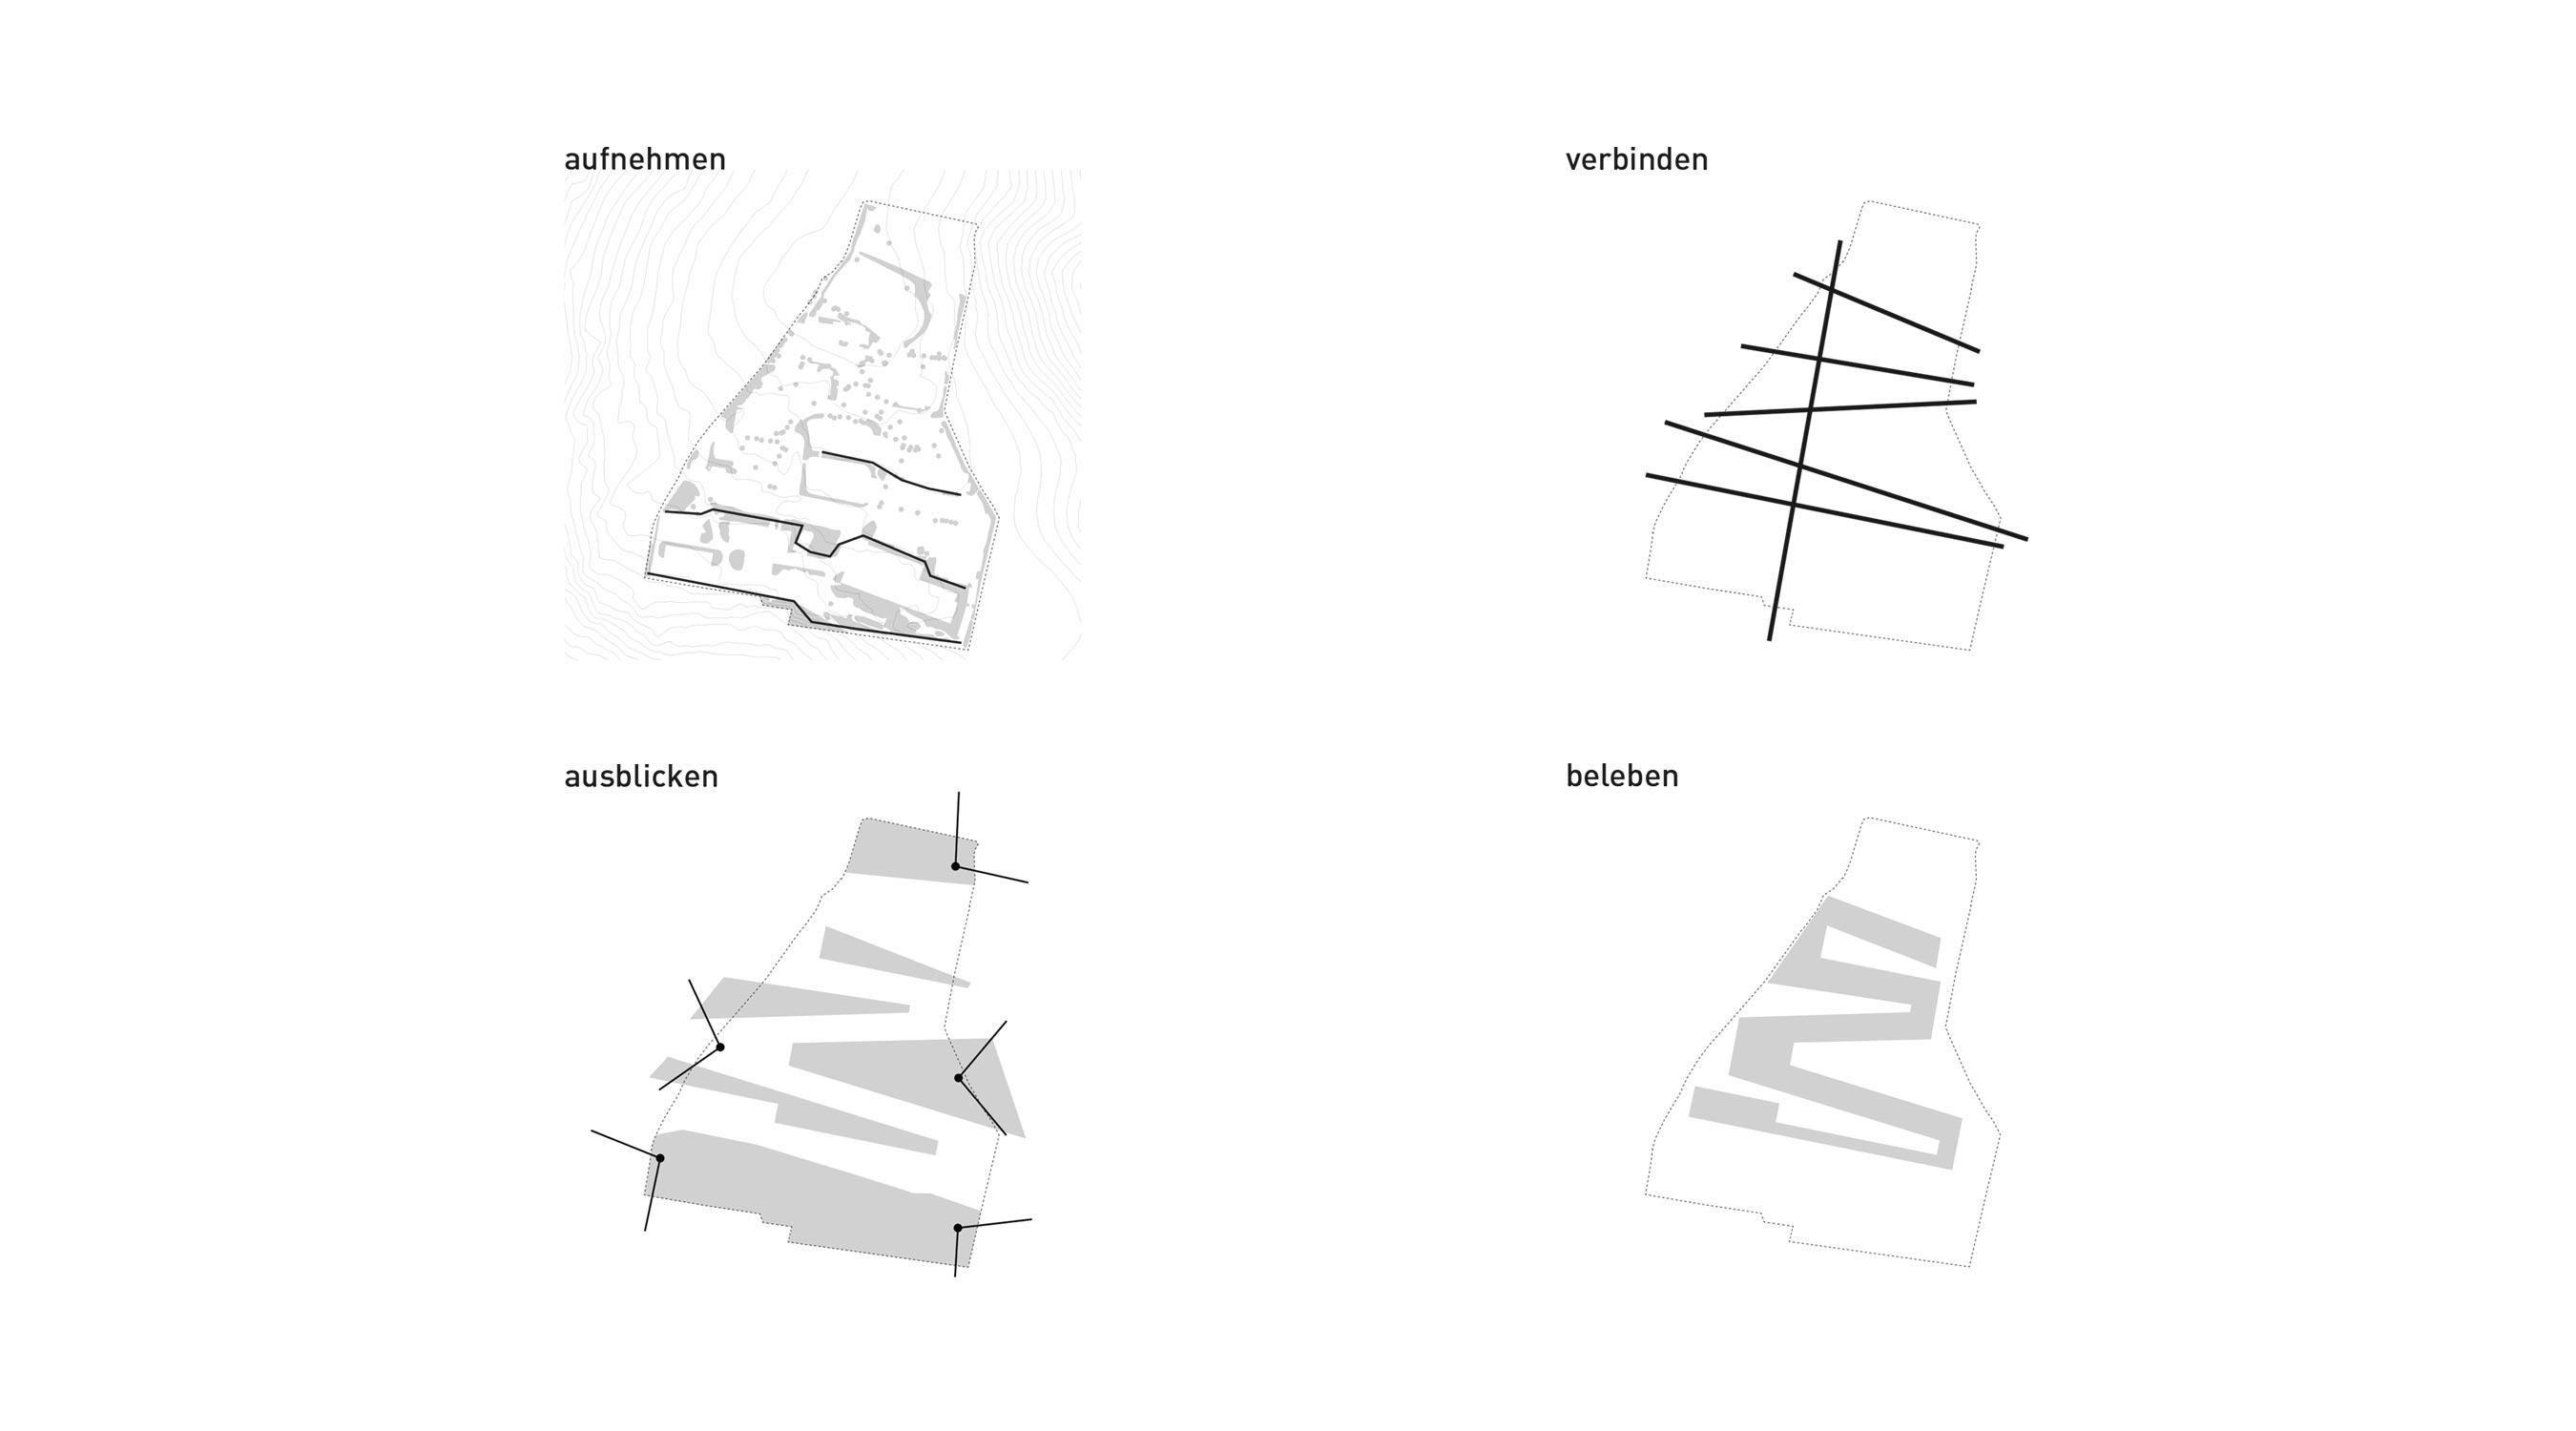 Donauwörth Konzept Diagramm